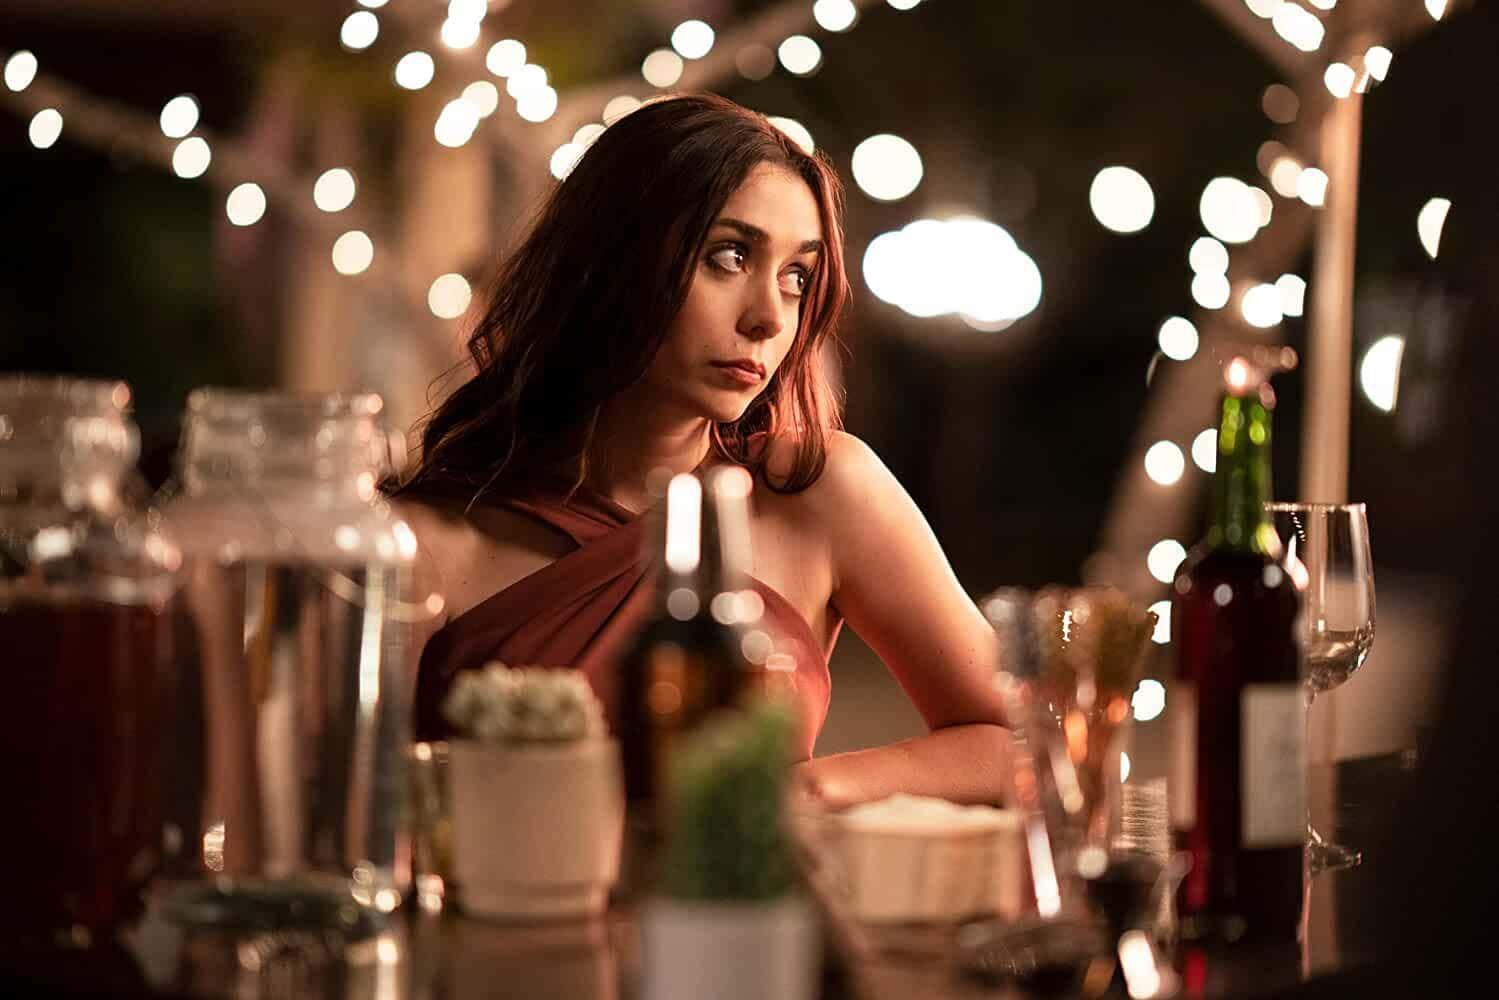 Recenzia: Palm Springs je geniálnou romantickou komédiou a jedným z  najlepších filmov roka | REFRESHER.sk